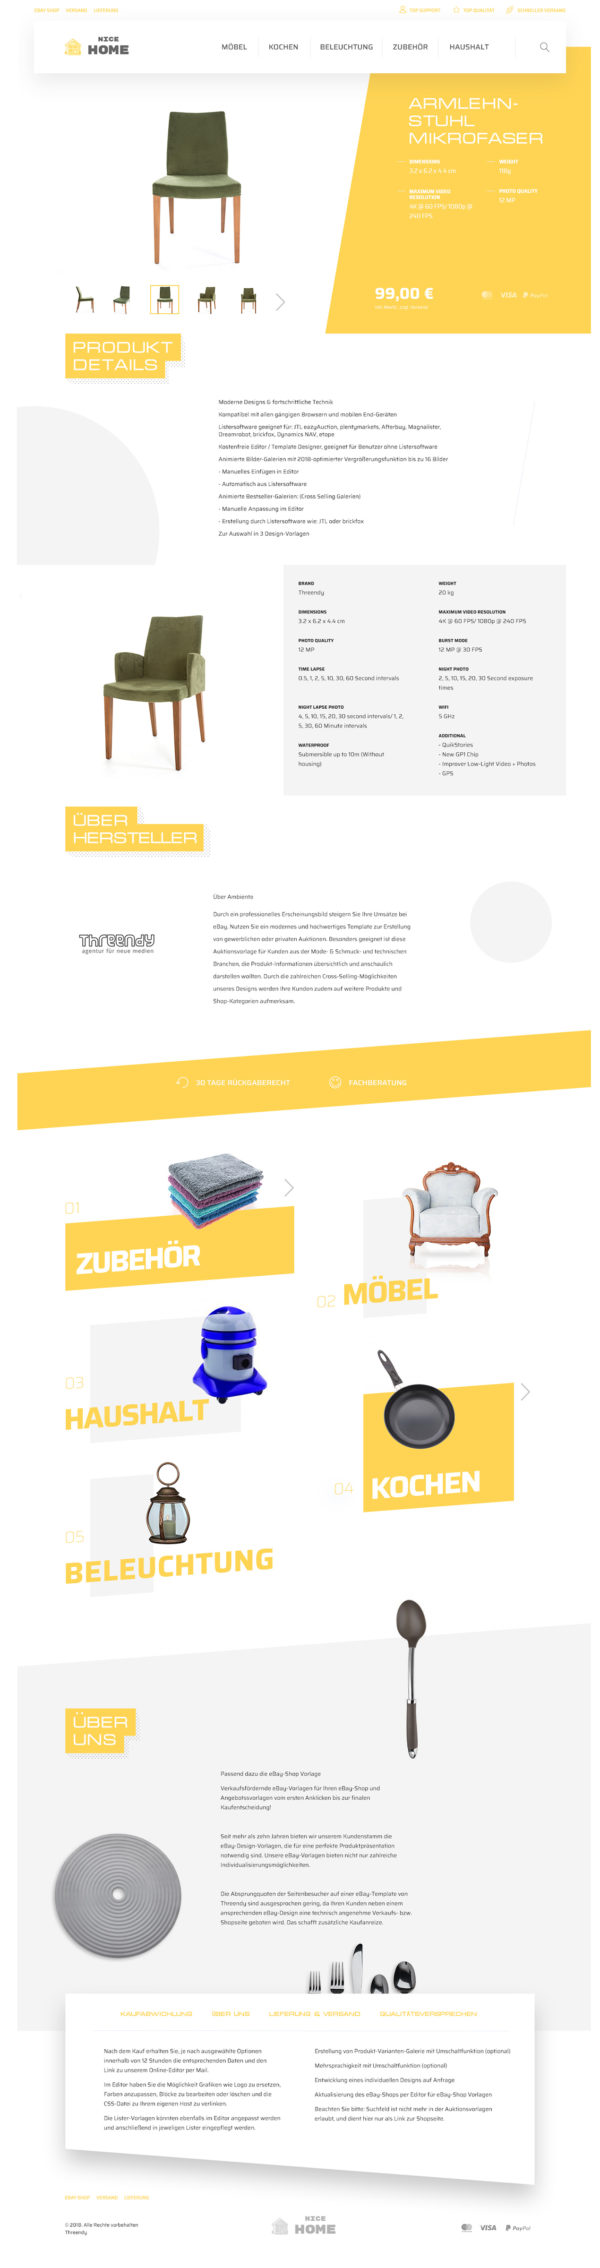 eBay Angebotsvorlage für Möbel & Haushalt Branche